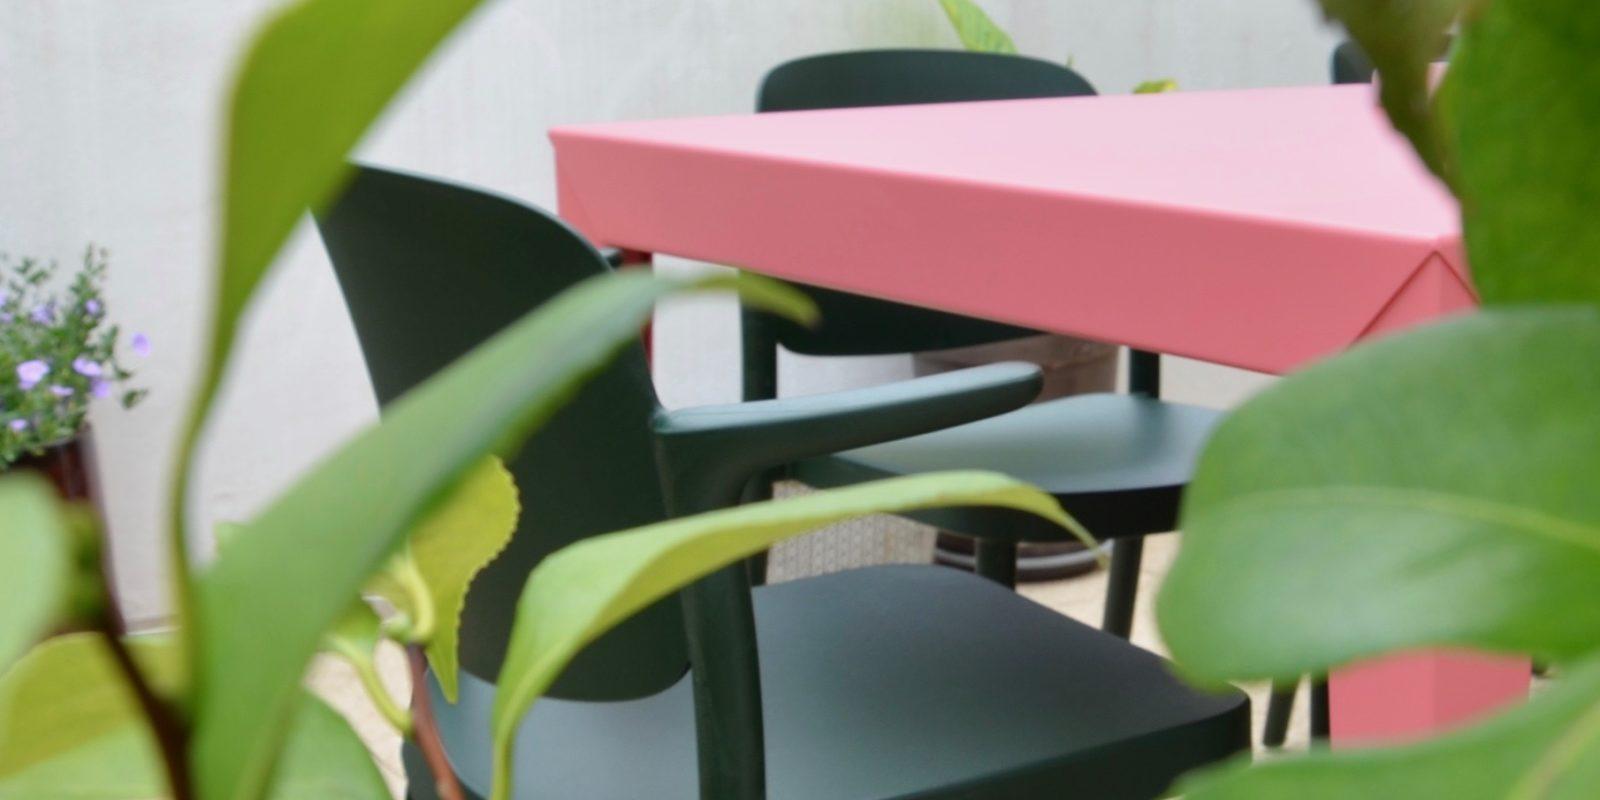 Réalisation BUXUS DESIGN Mobilier de jardin Bayonne Biarritz